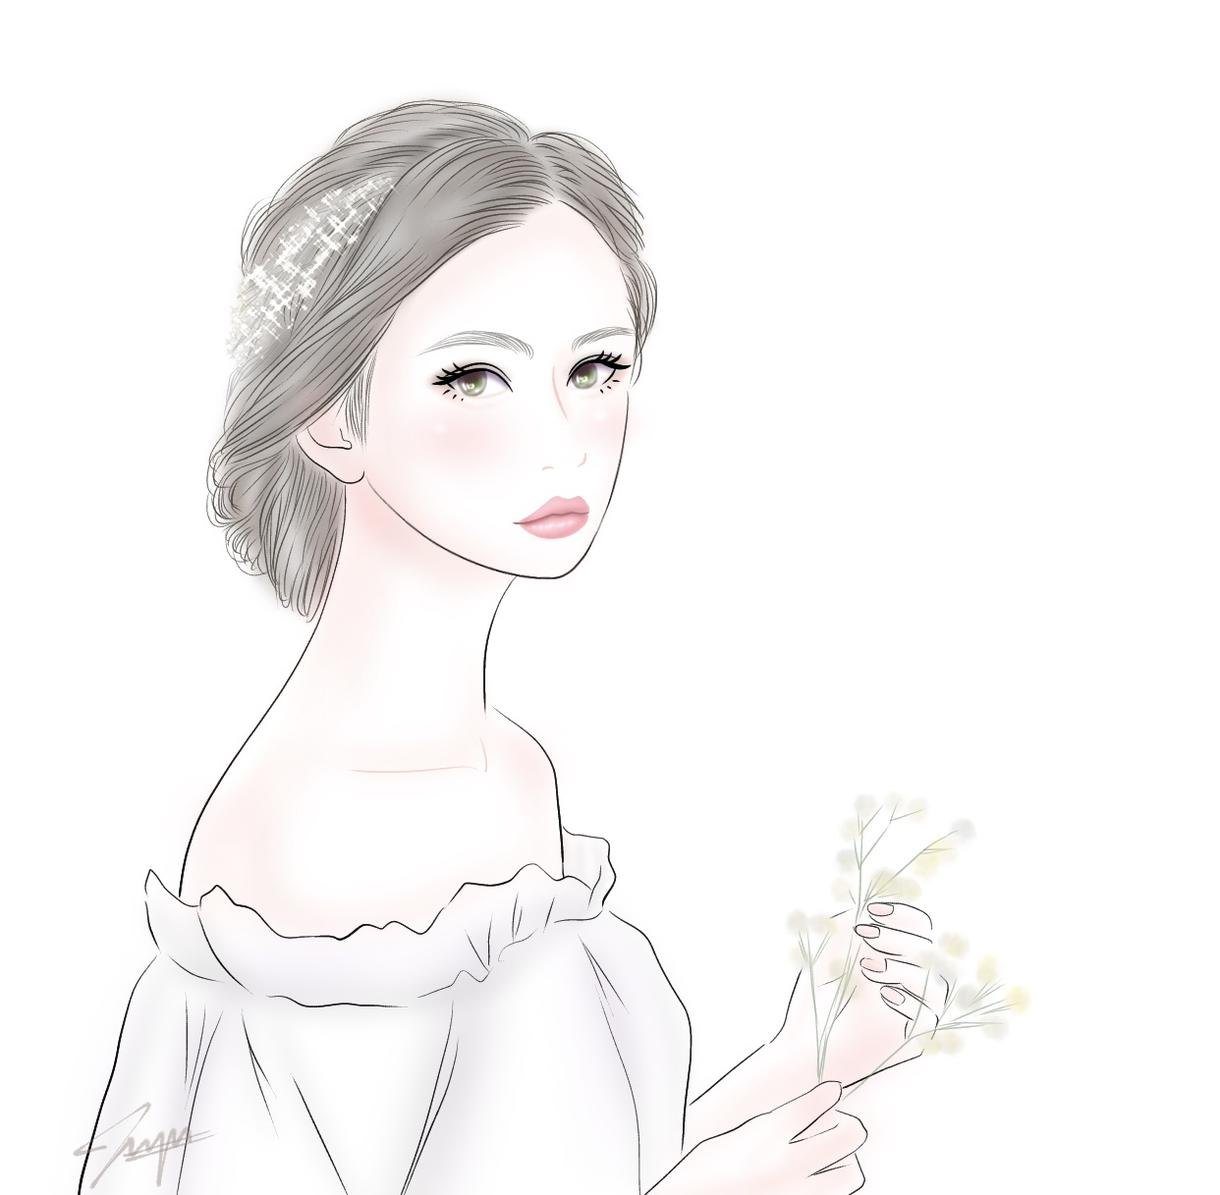 あなたを可愛くふわっとした似顔絵描きます 特徴をとらえつつ更に可愛くお描きします イメージ1